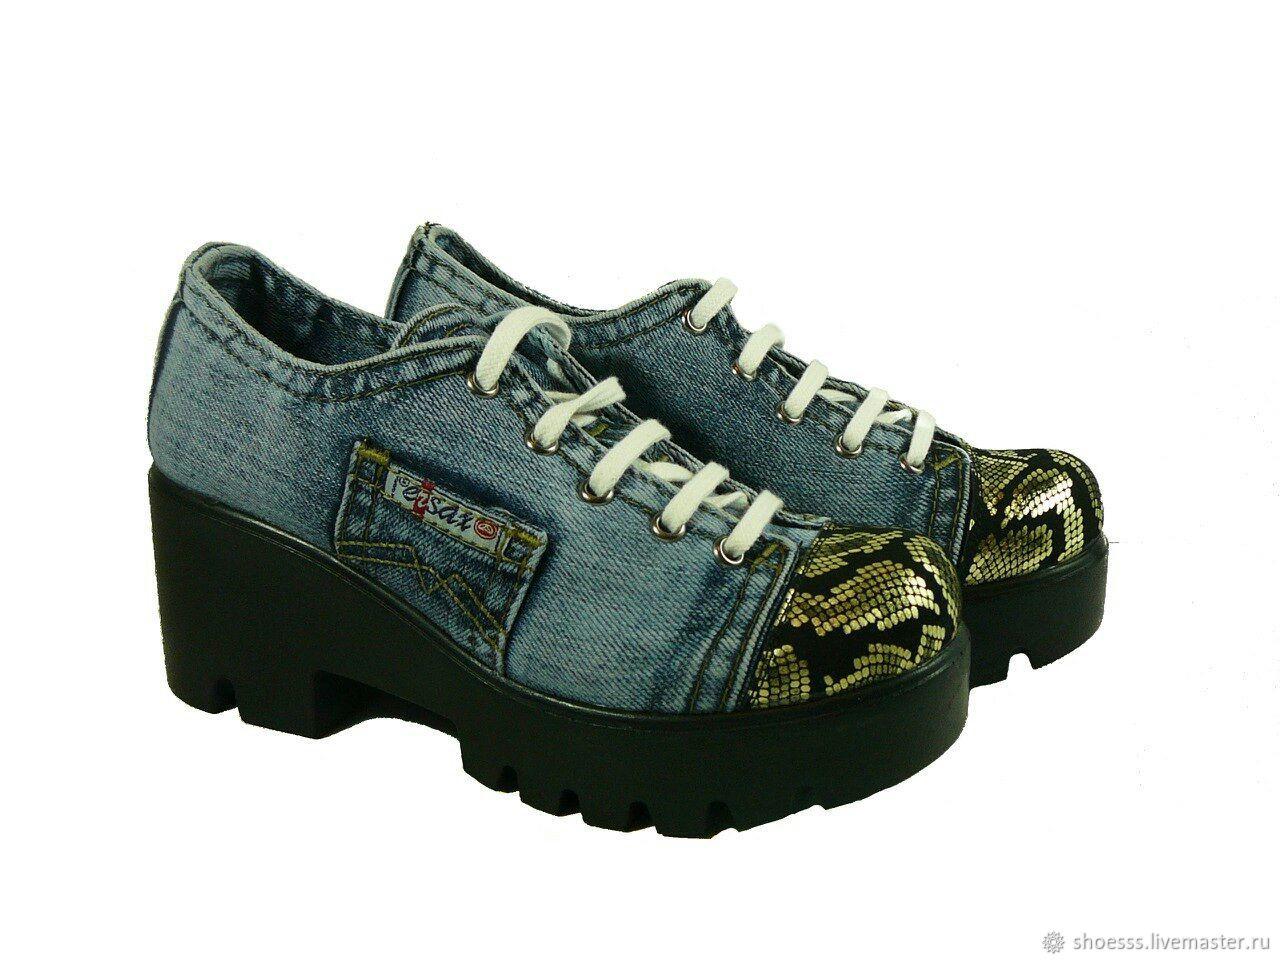 9ff0f875c ручной работы. Ярмарка Мастеров - ручная работа. Купить Женские новые джинсовые  туфли 38, ...